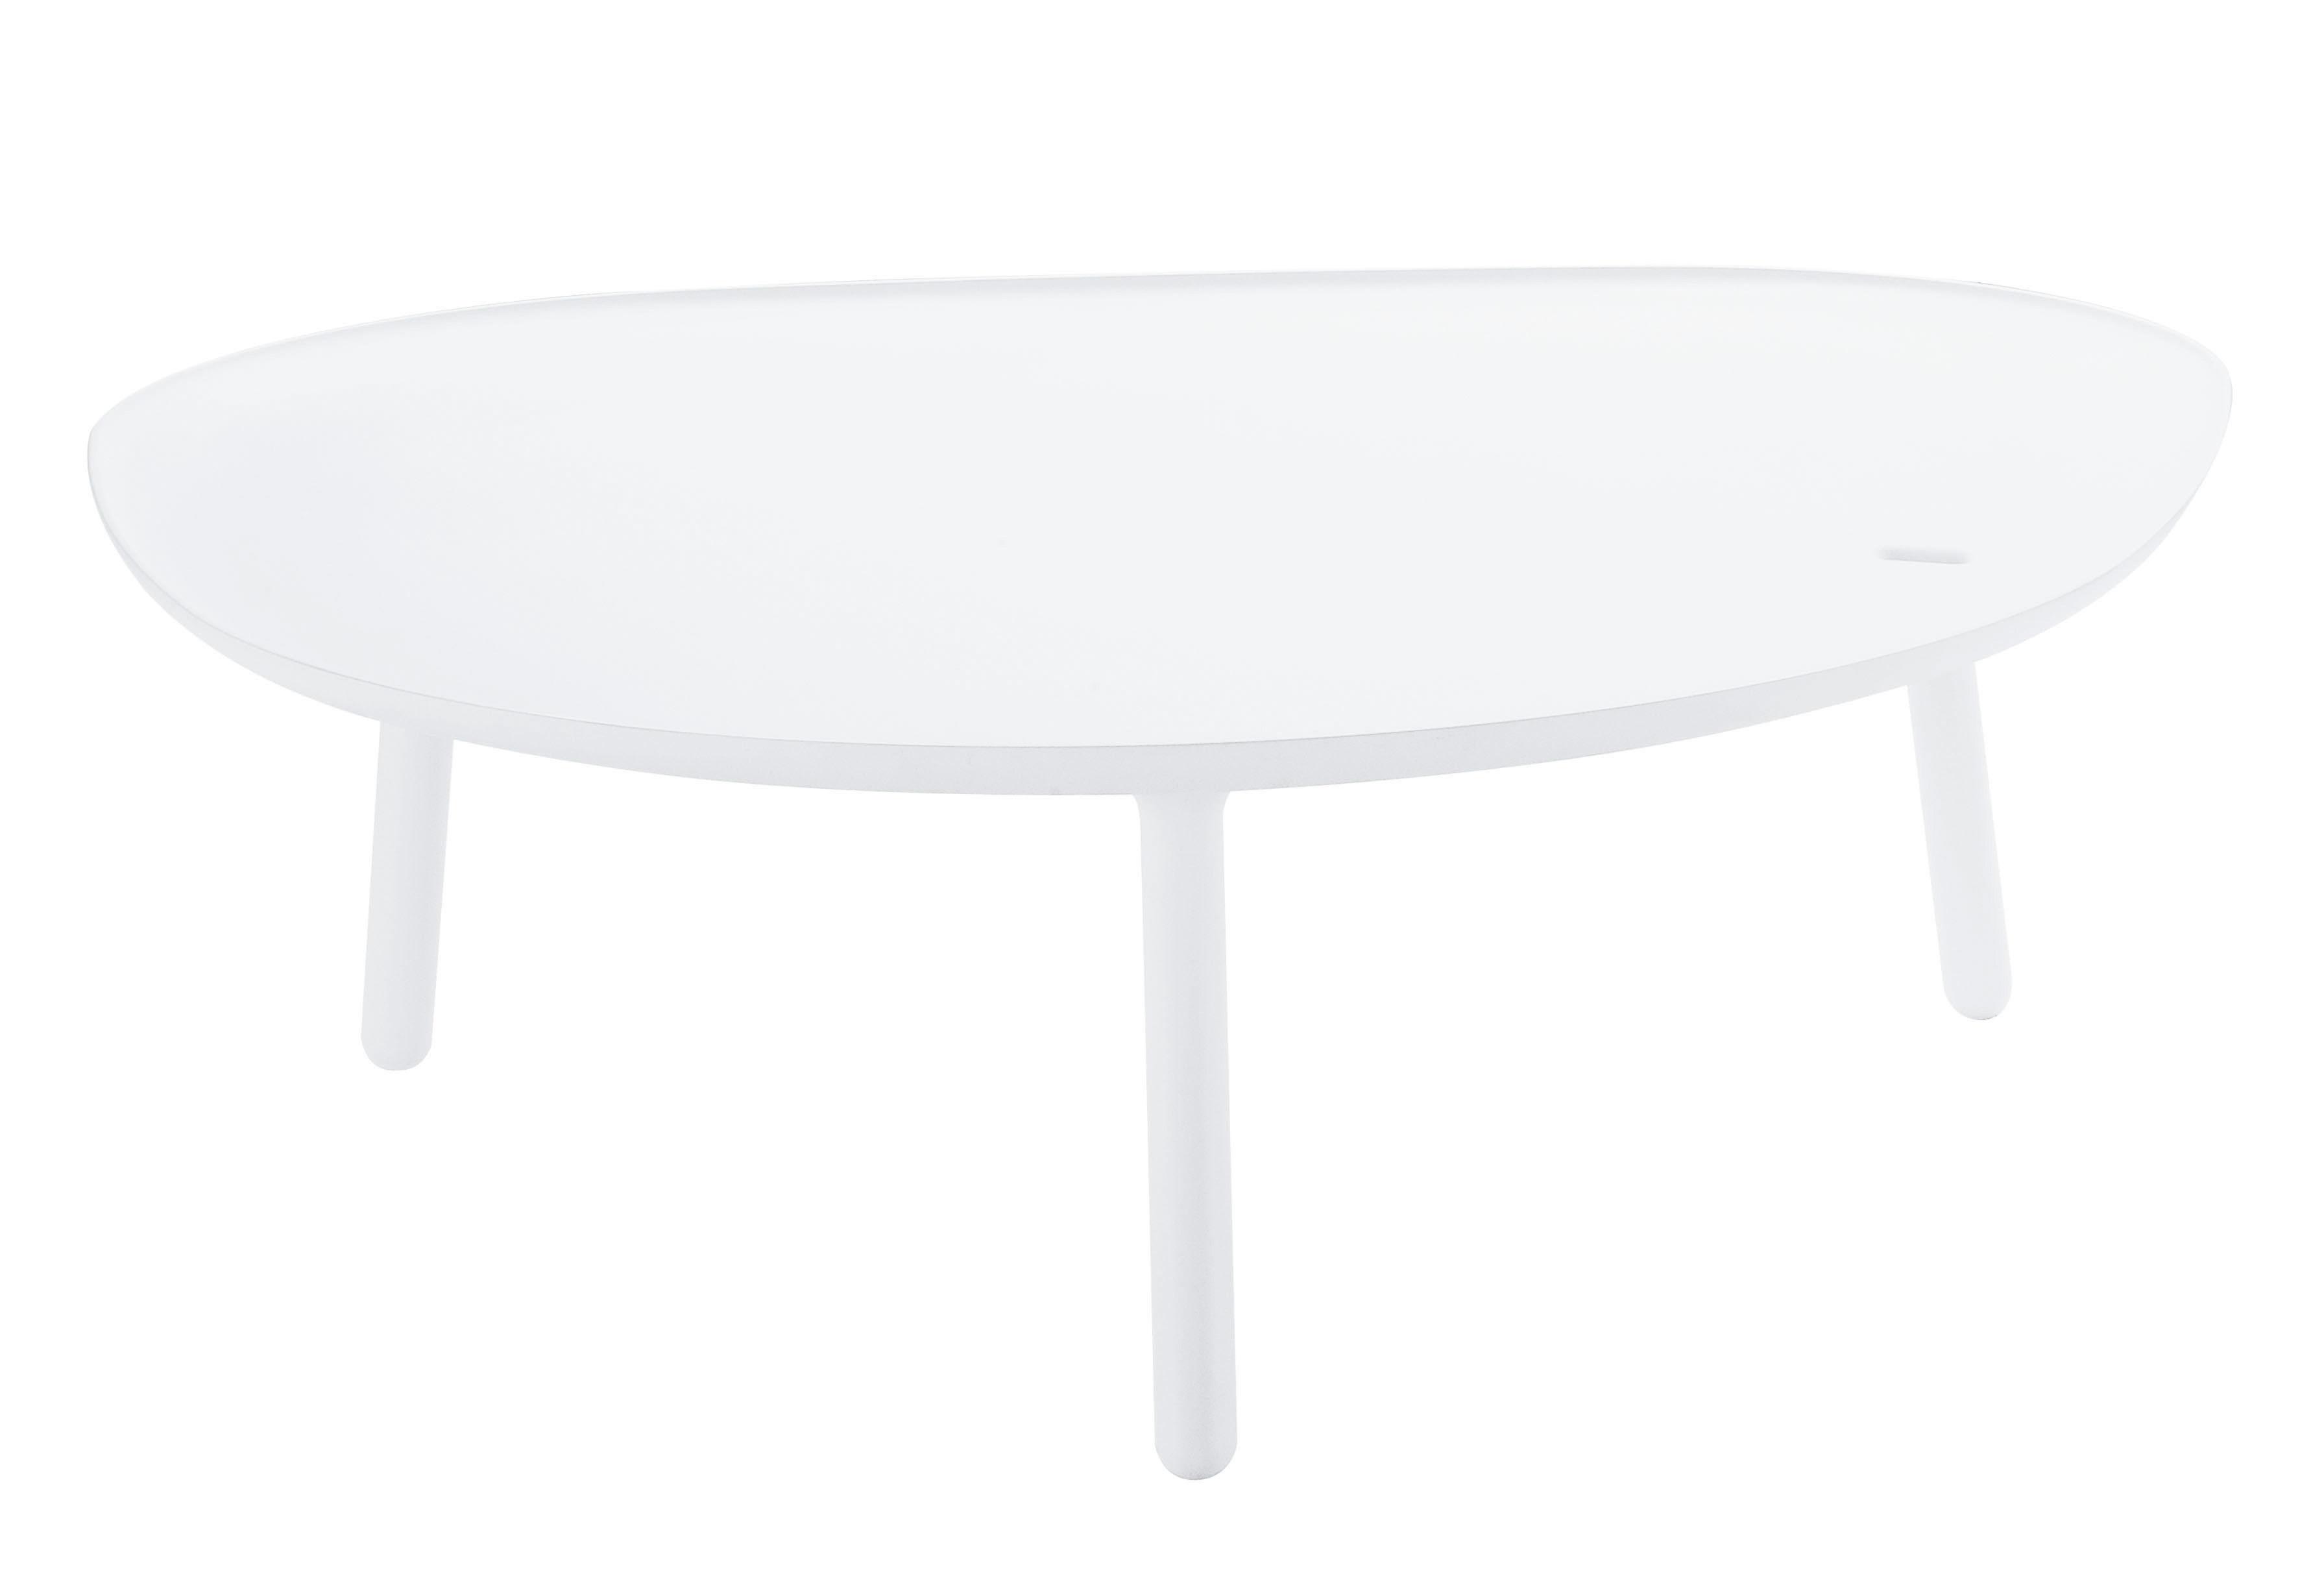 Arredamento - Tavolini  - Tavolino Ninfea di Zanotta - Bianco opaco - Materiale plastico